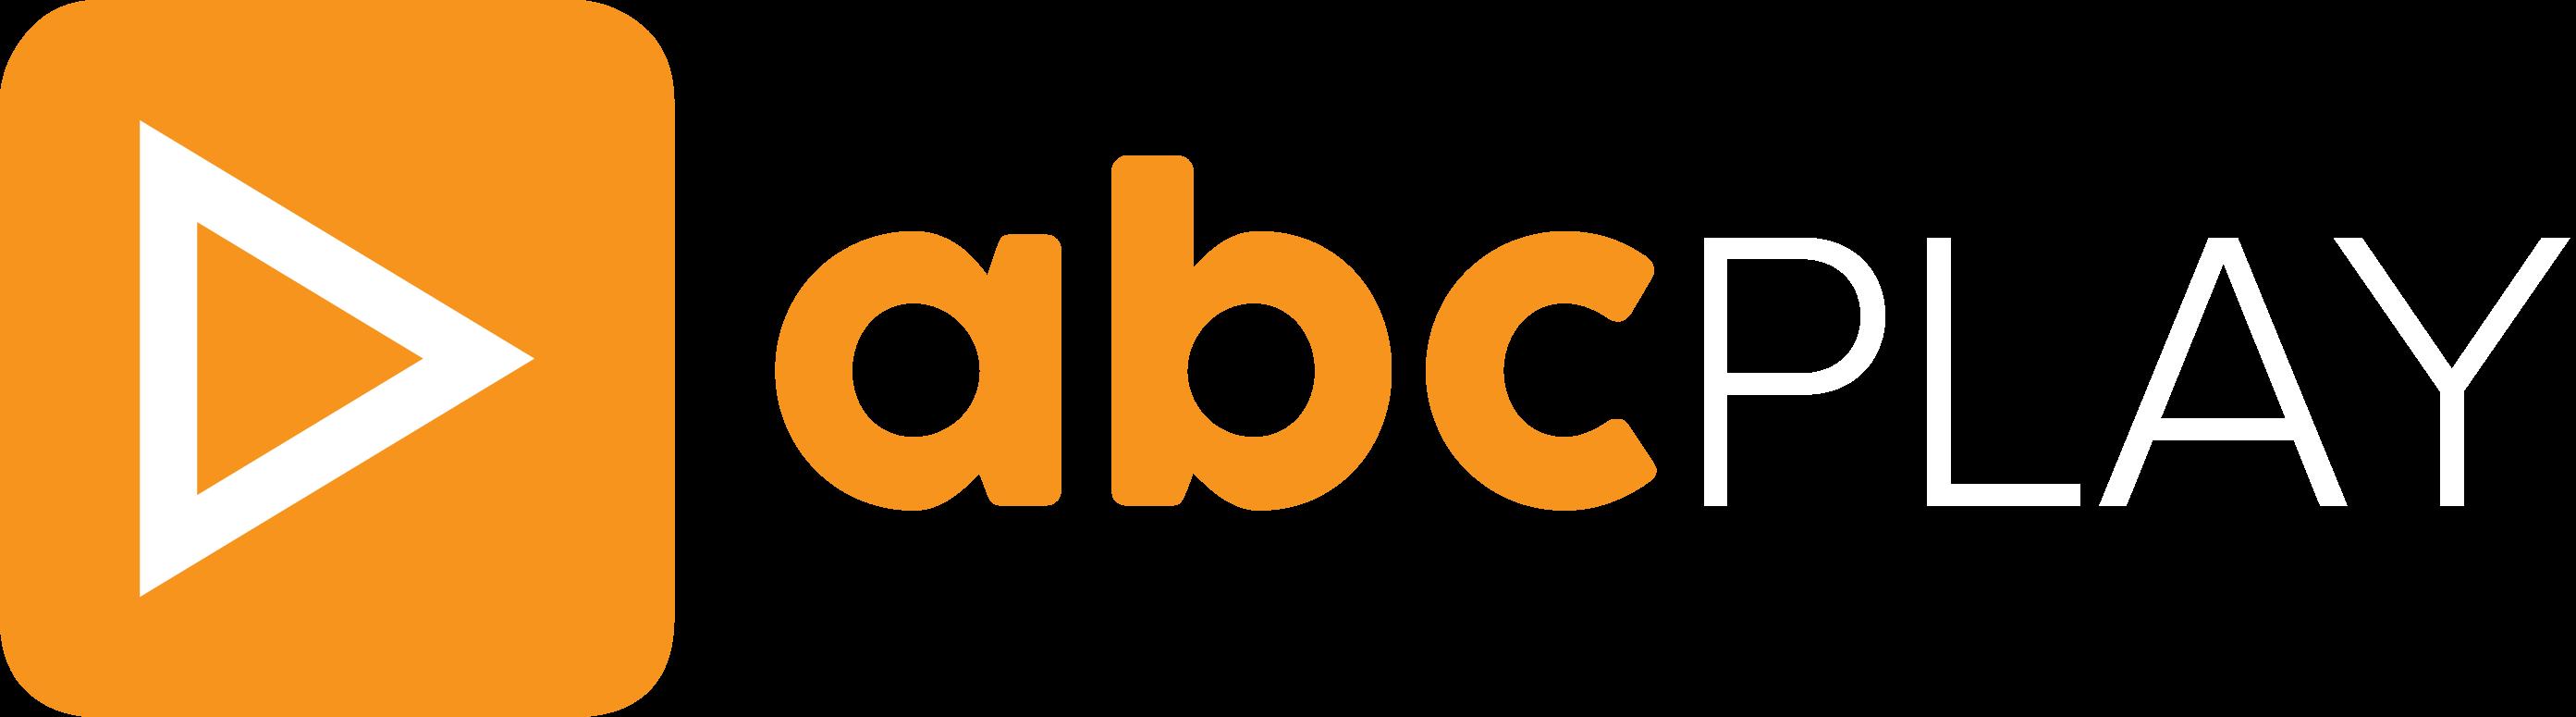 ABC Play